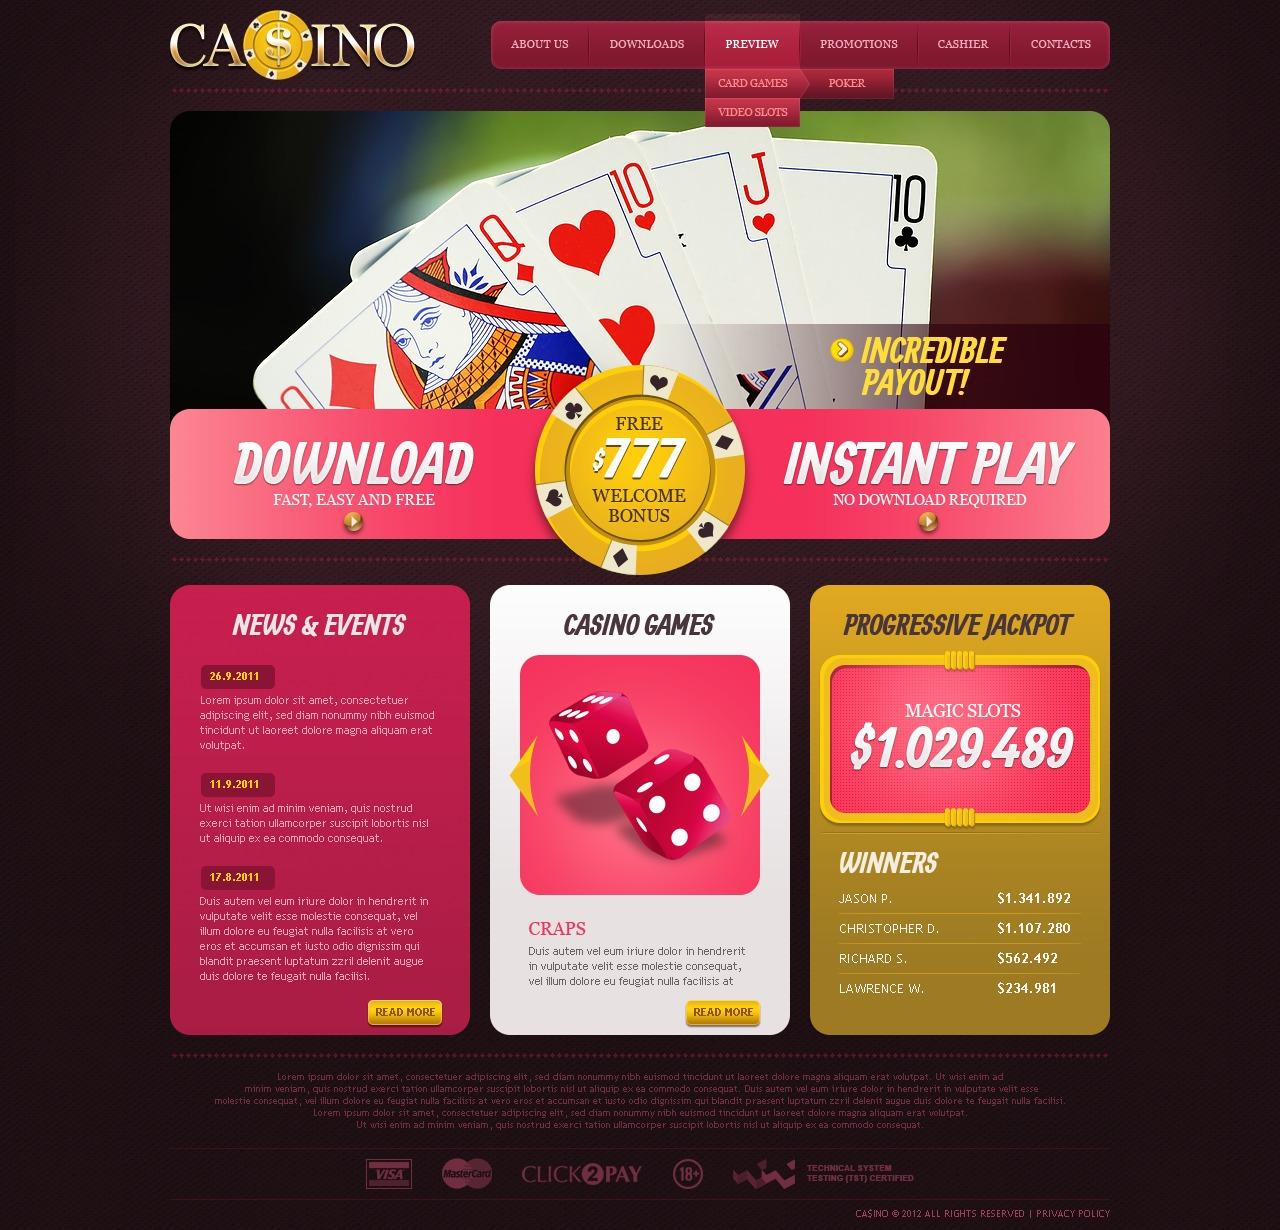 Шаблон сайту на тему онлайн казино №37533 - скріншот